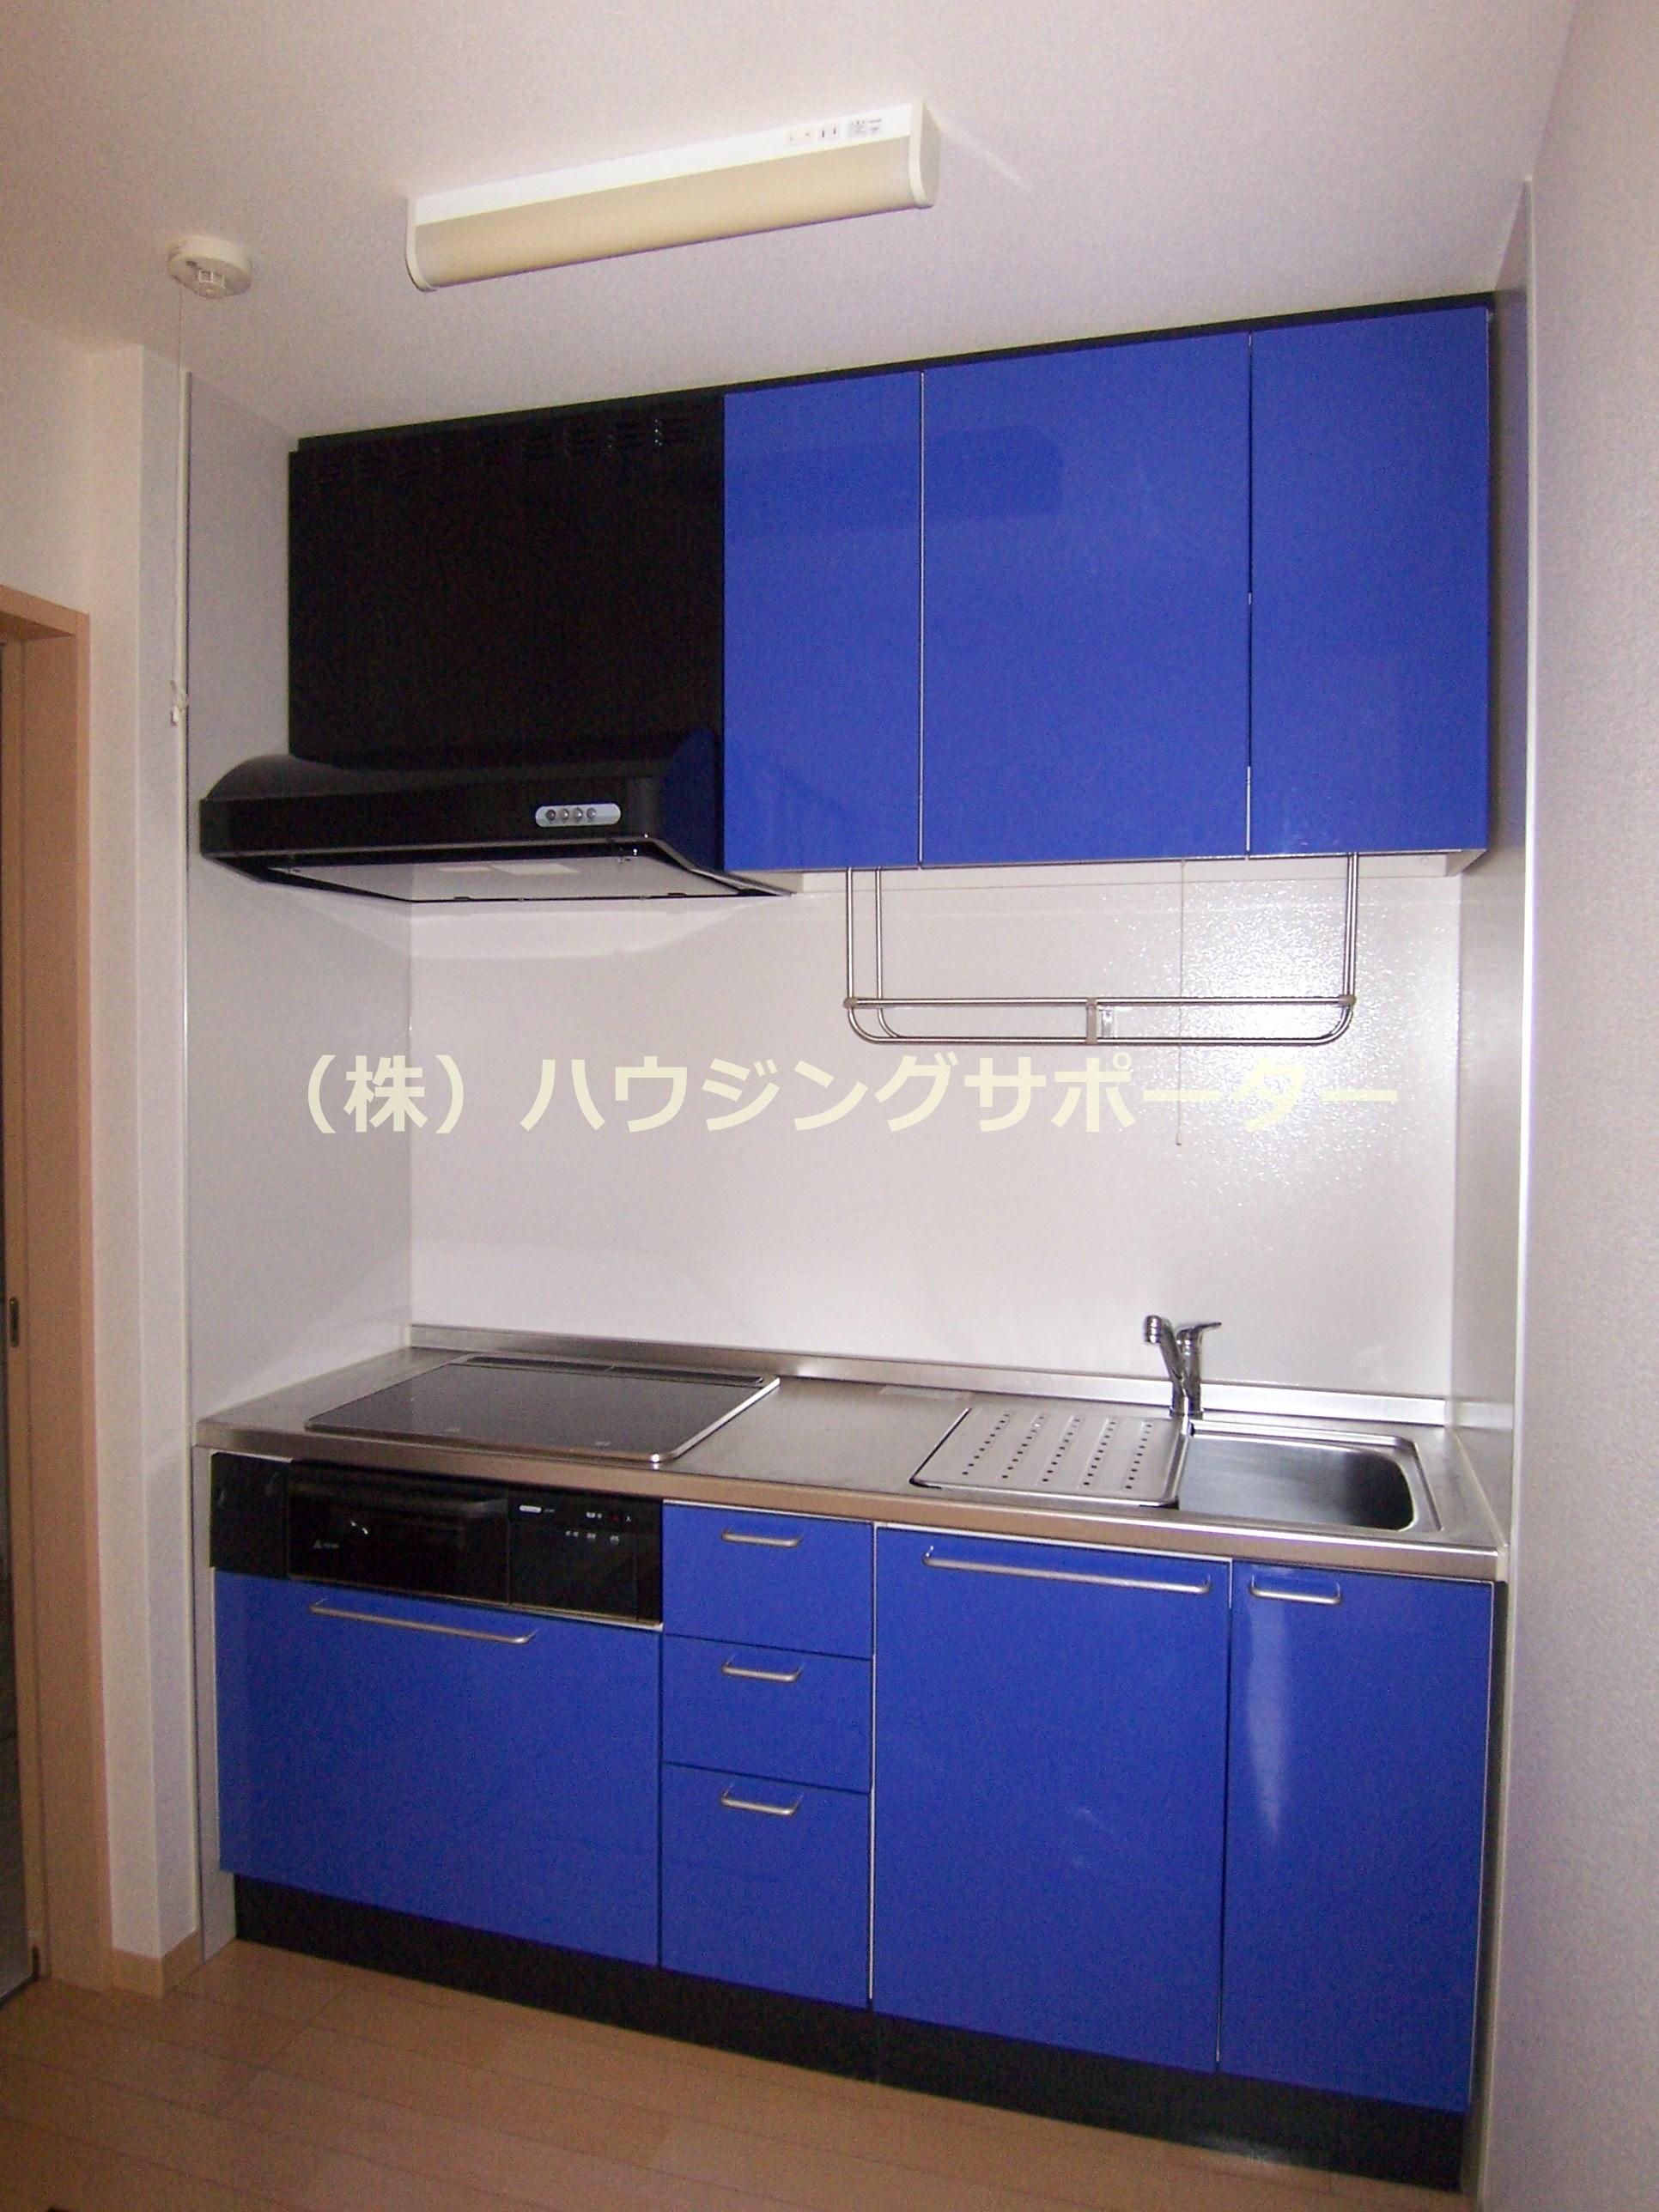 IHコンロのシステムキッチンです